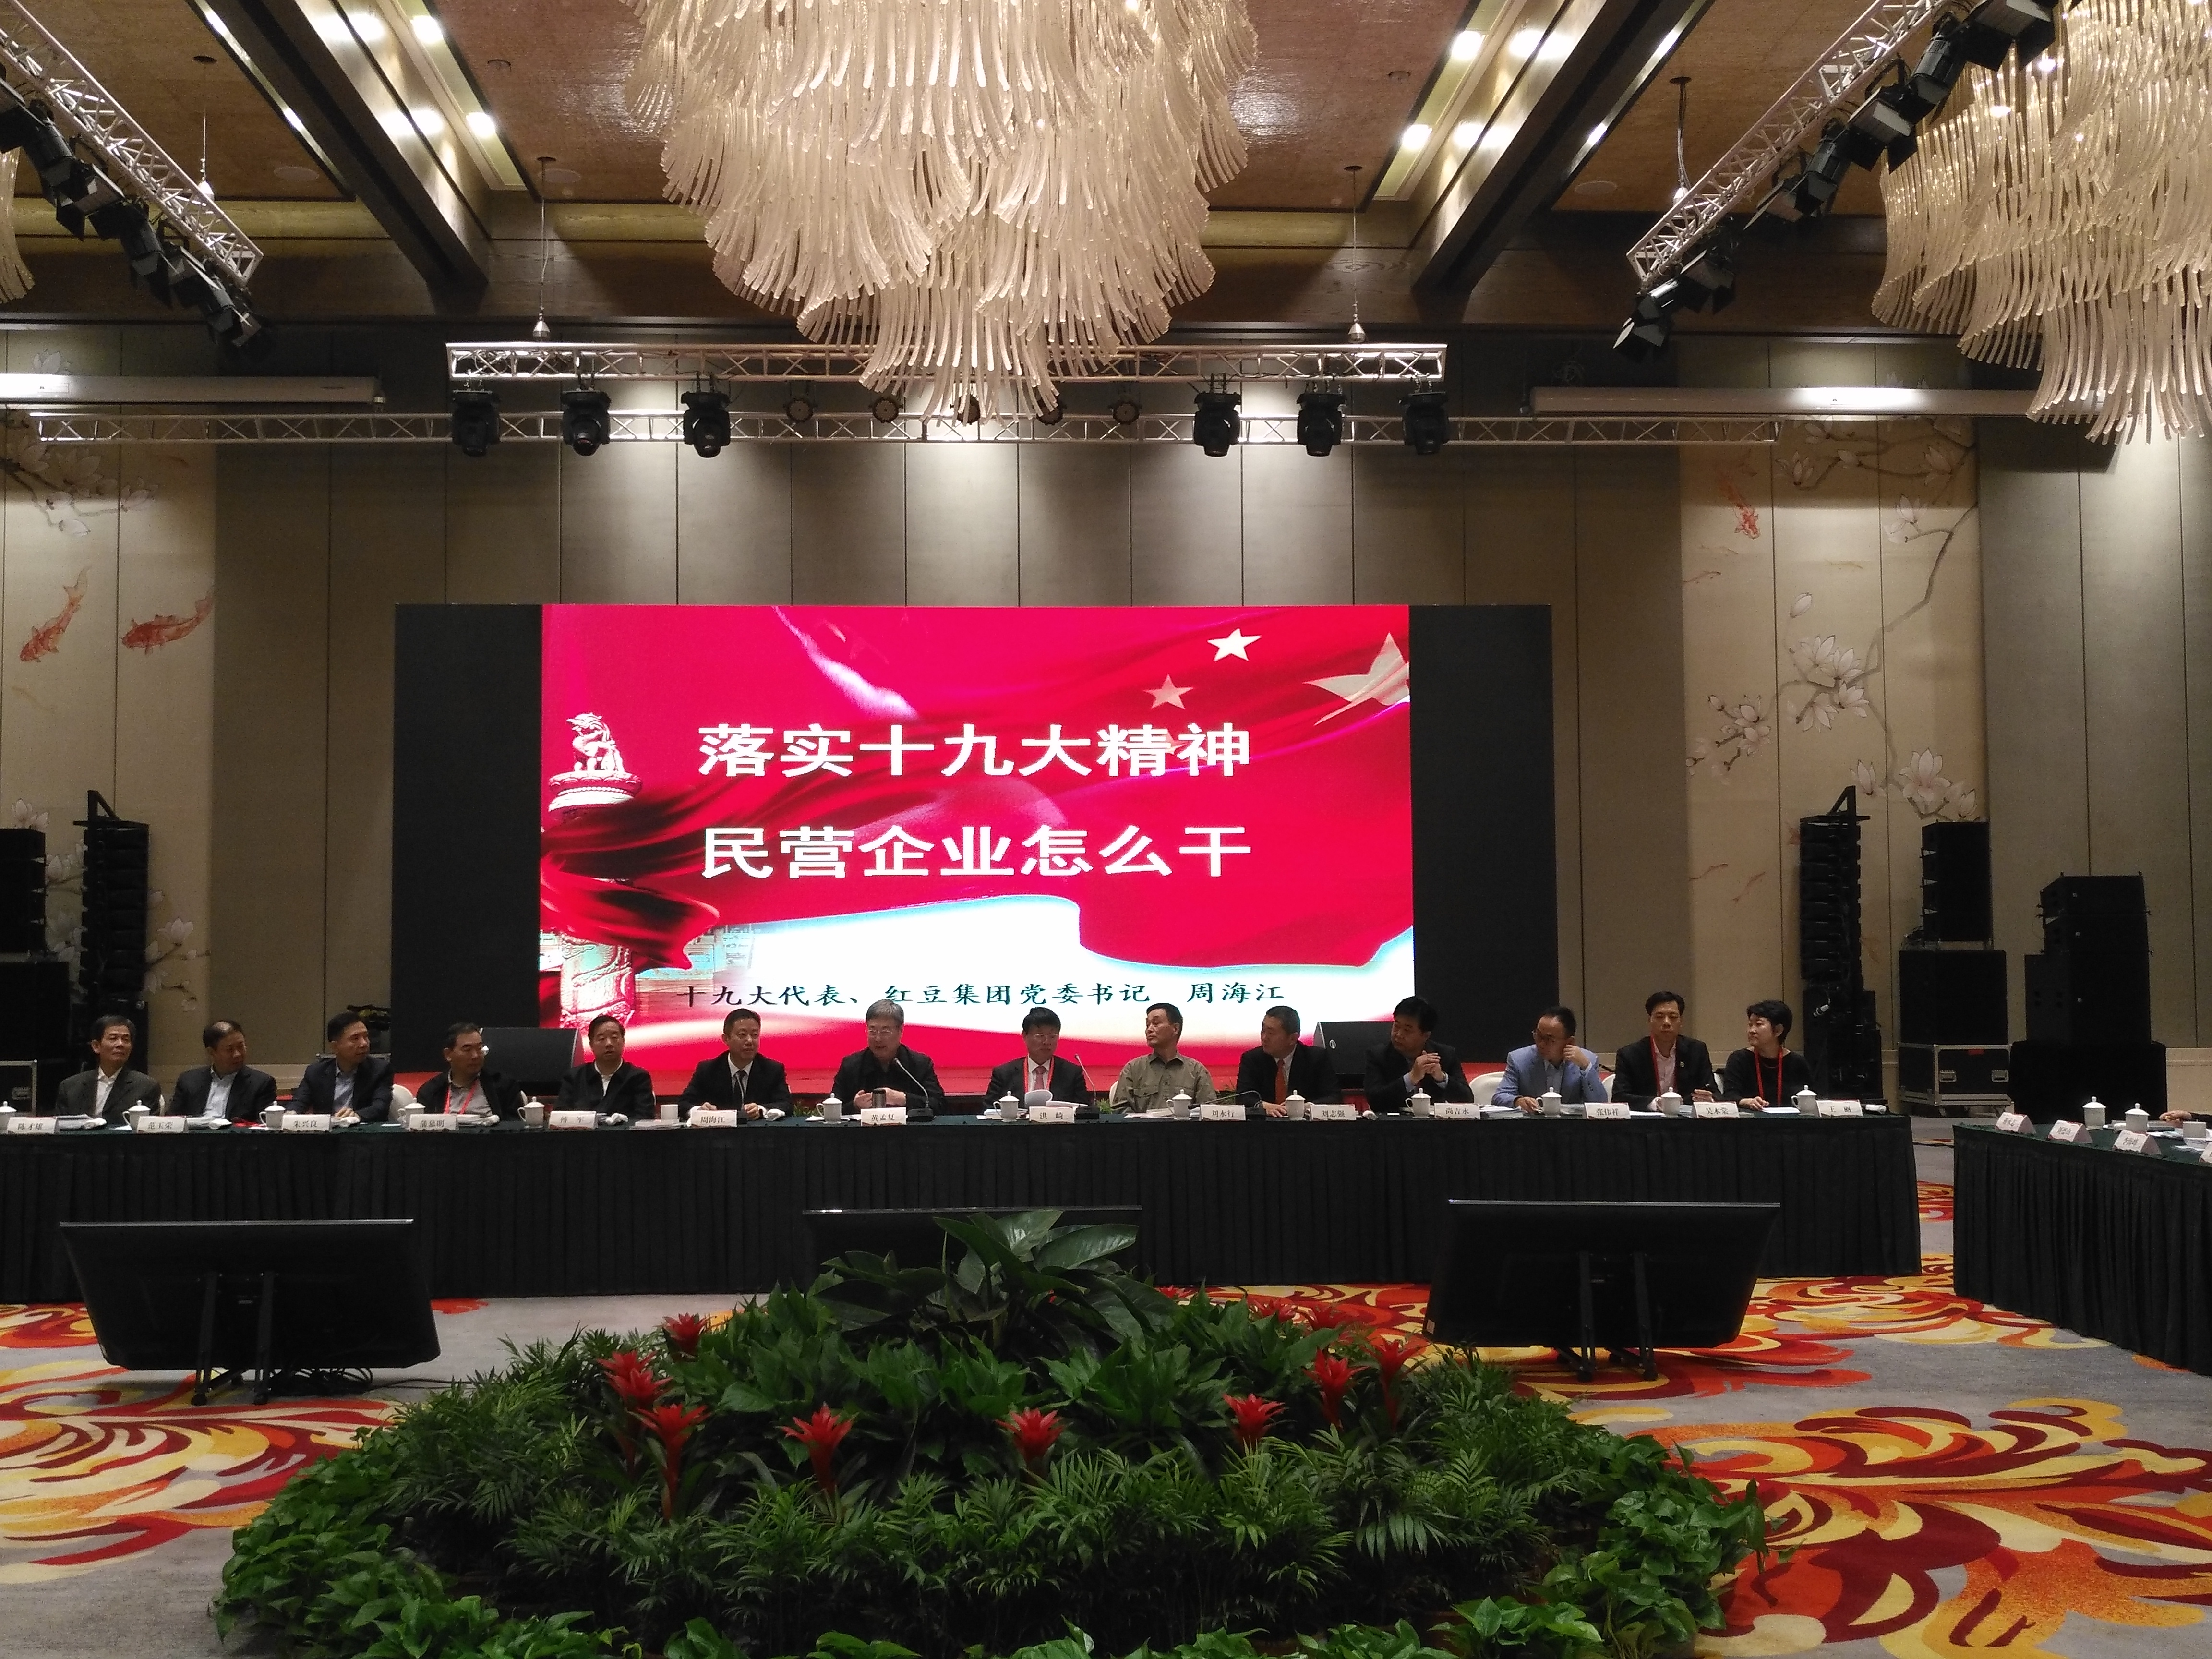 周海江已连续三届当选党代表。11月15-16日,他向全国知名大型民营企业负责人作党的十九大精神解读。照片由受访者提供